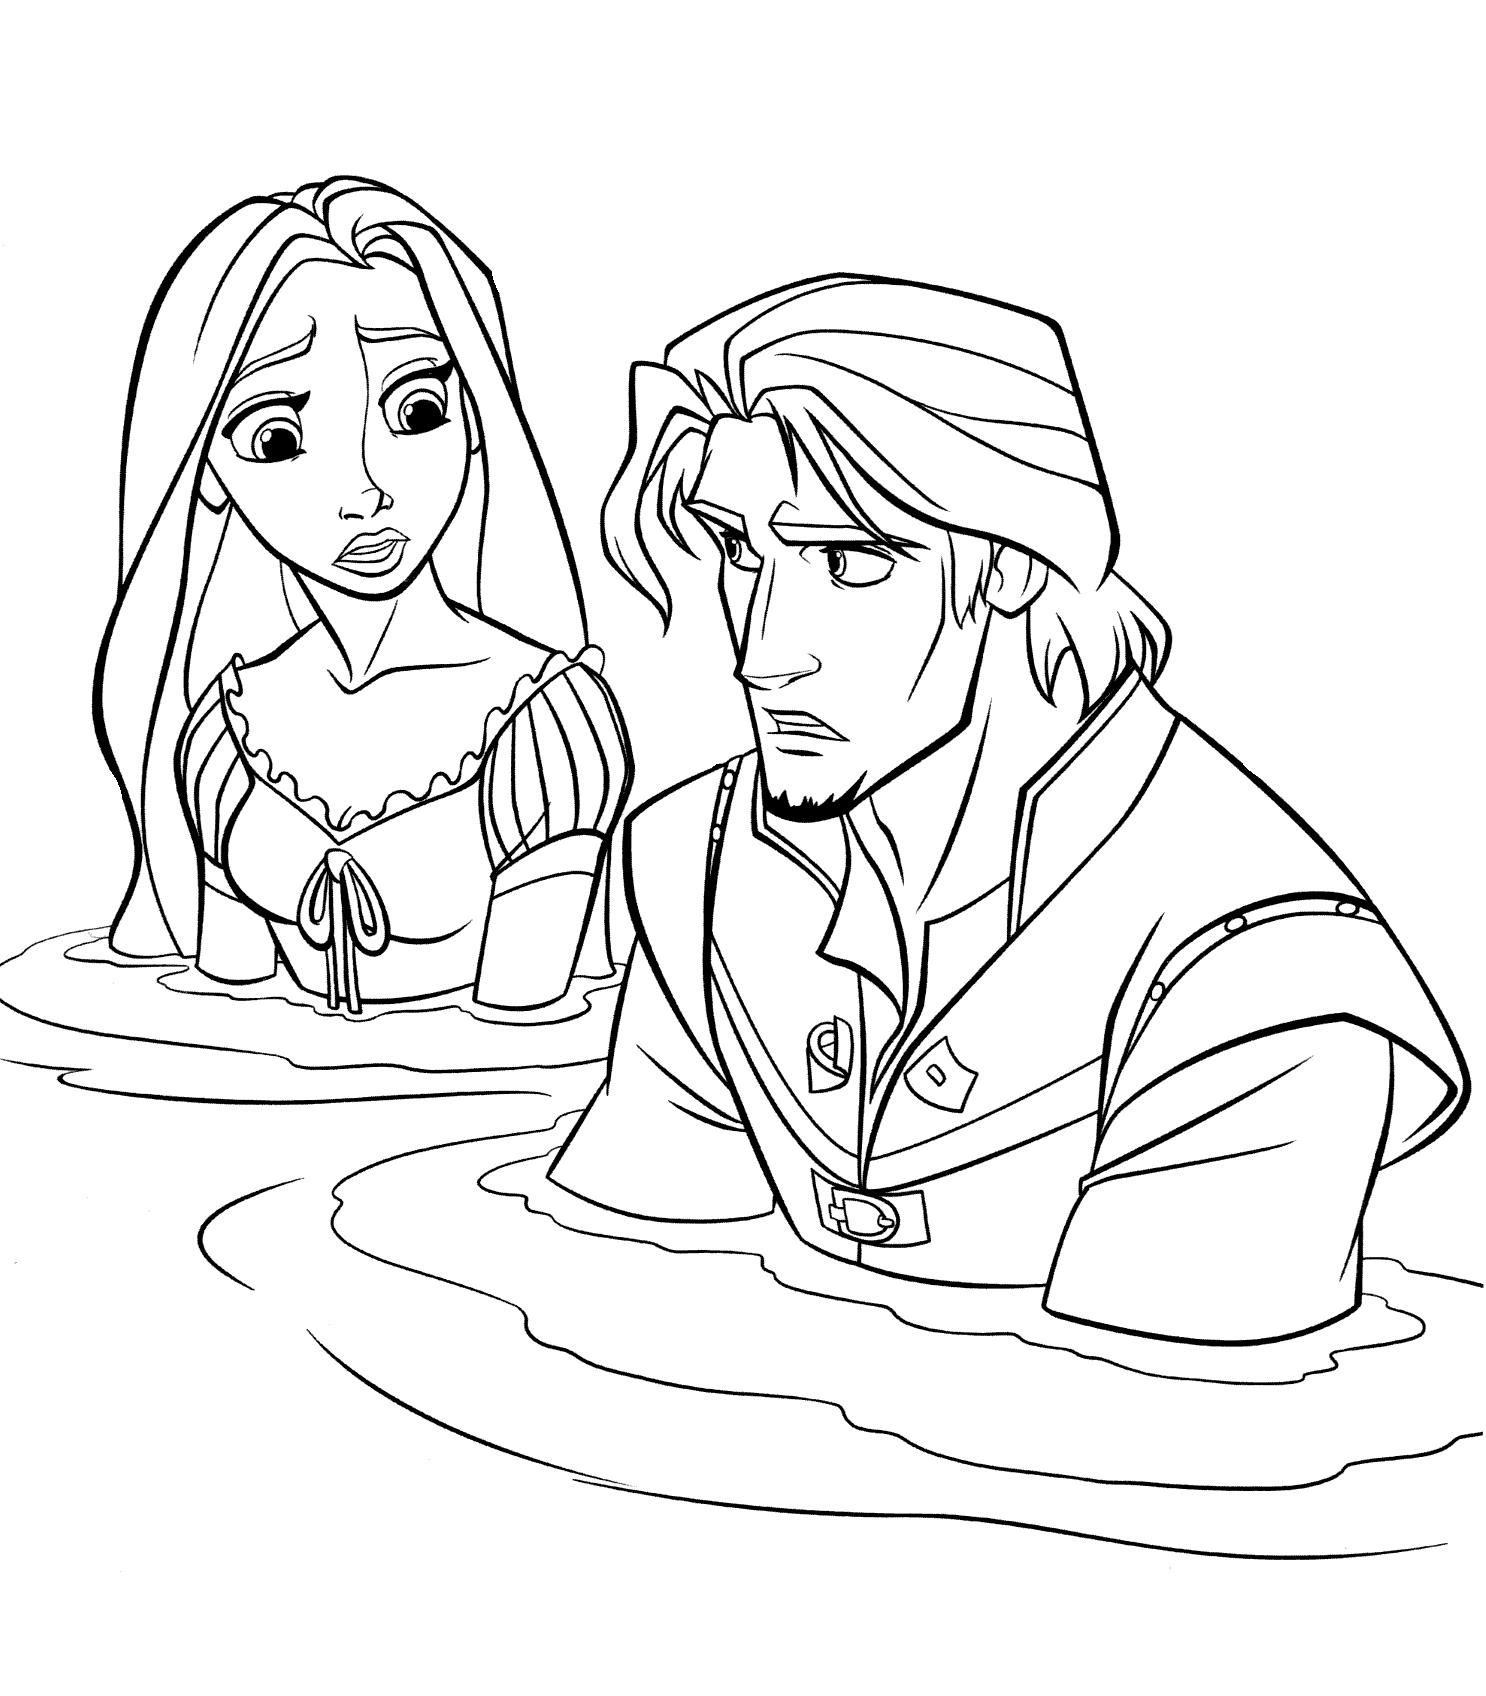 Раскраска Рапунцель и Флинн в воде распечатать или скачать ...